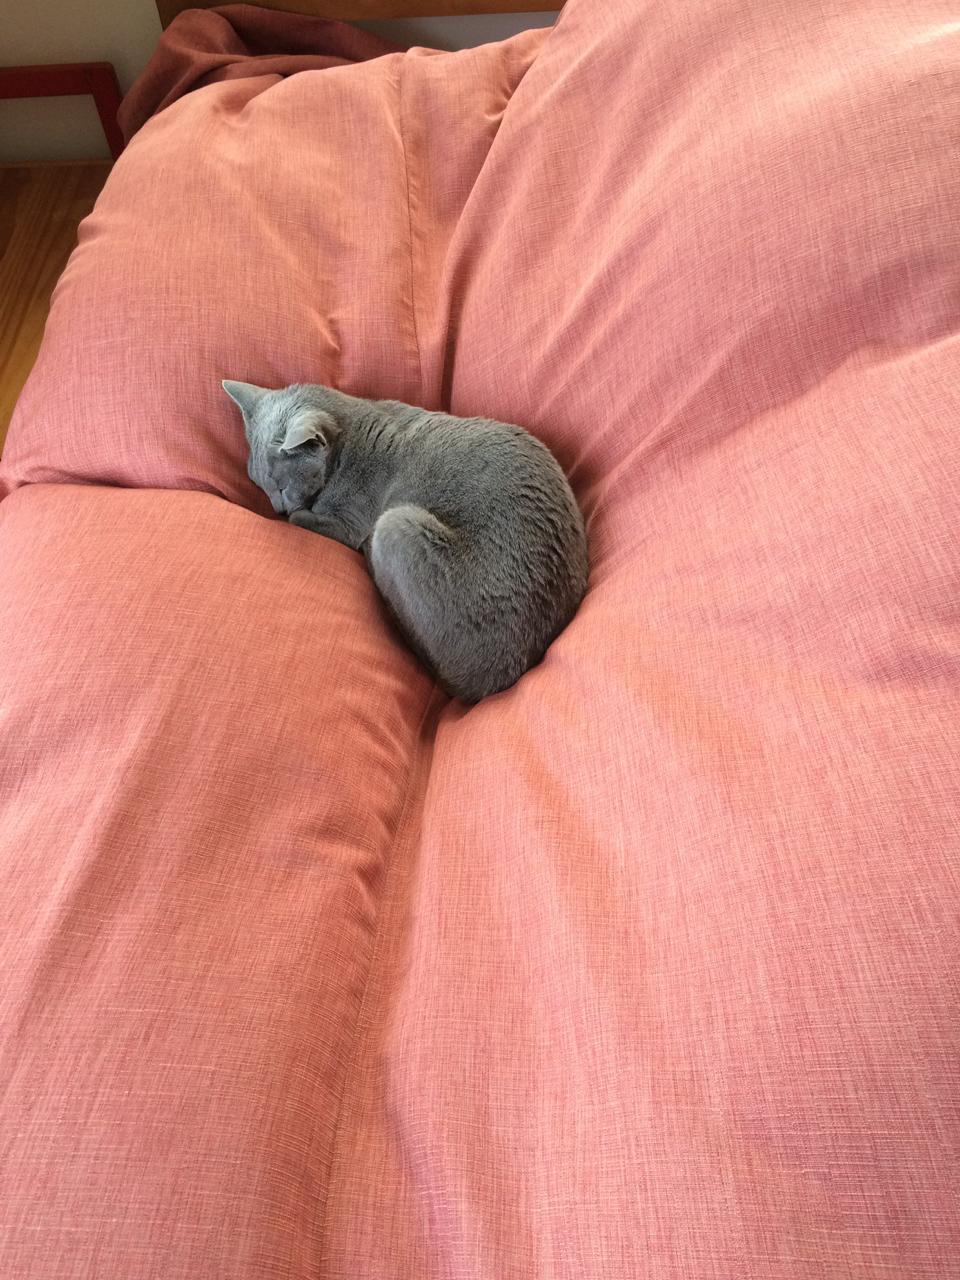 エマ広いベッドで